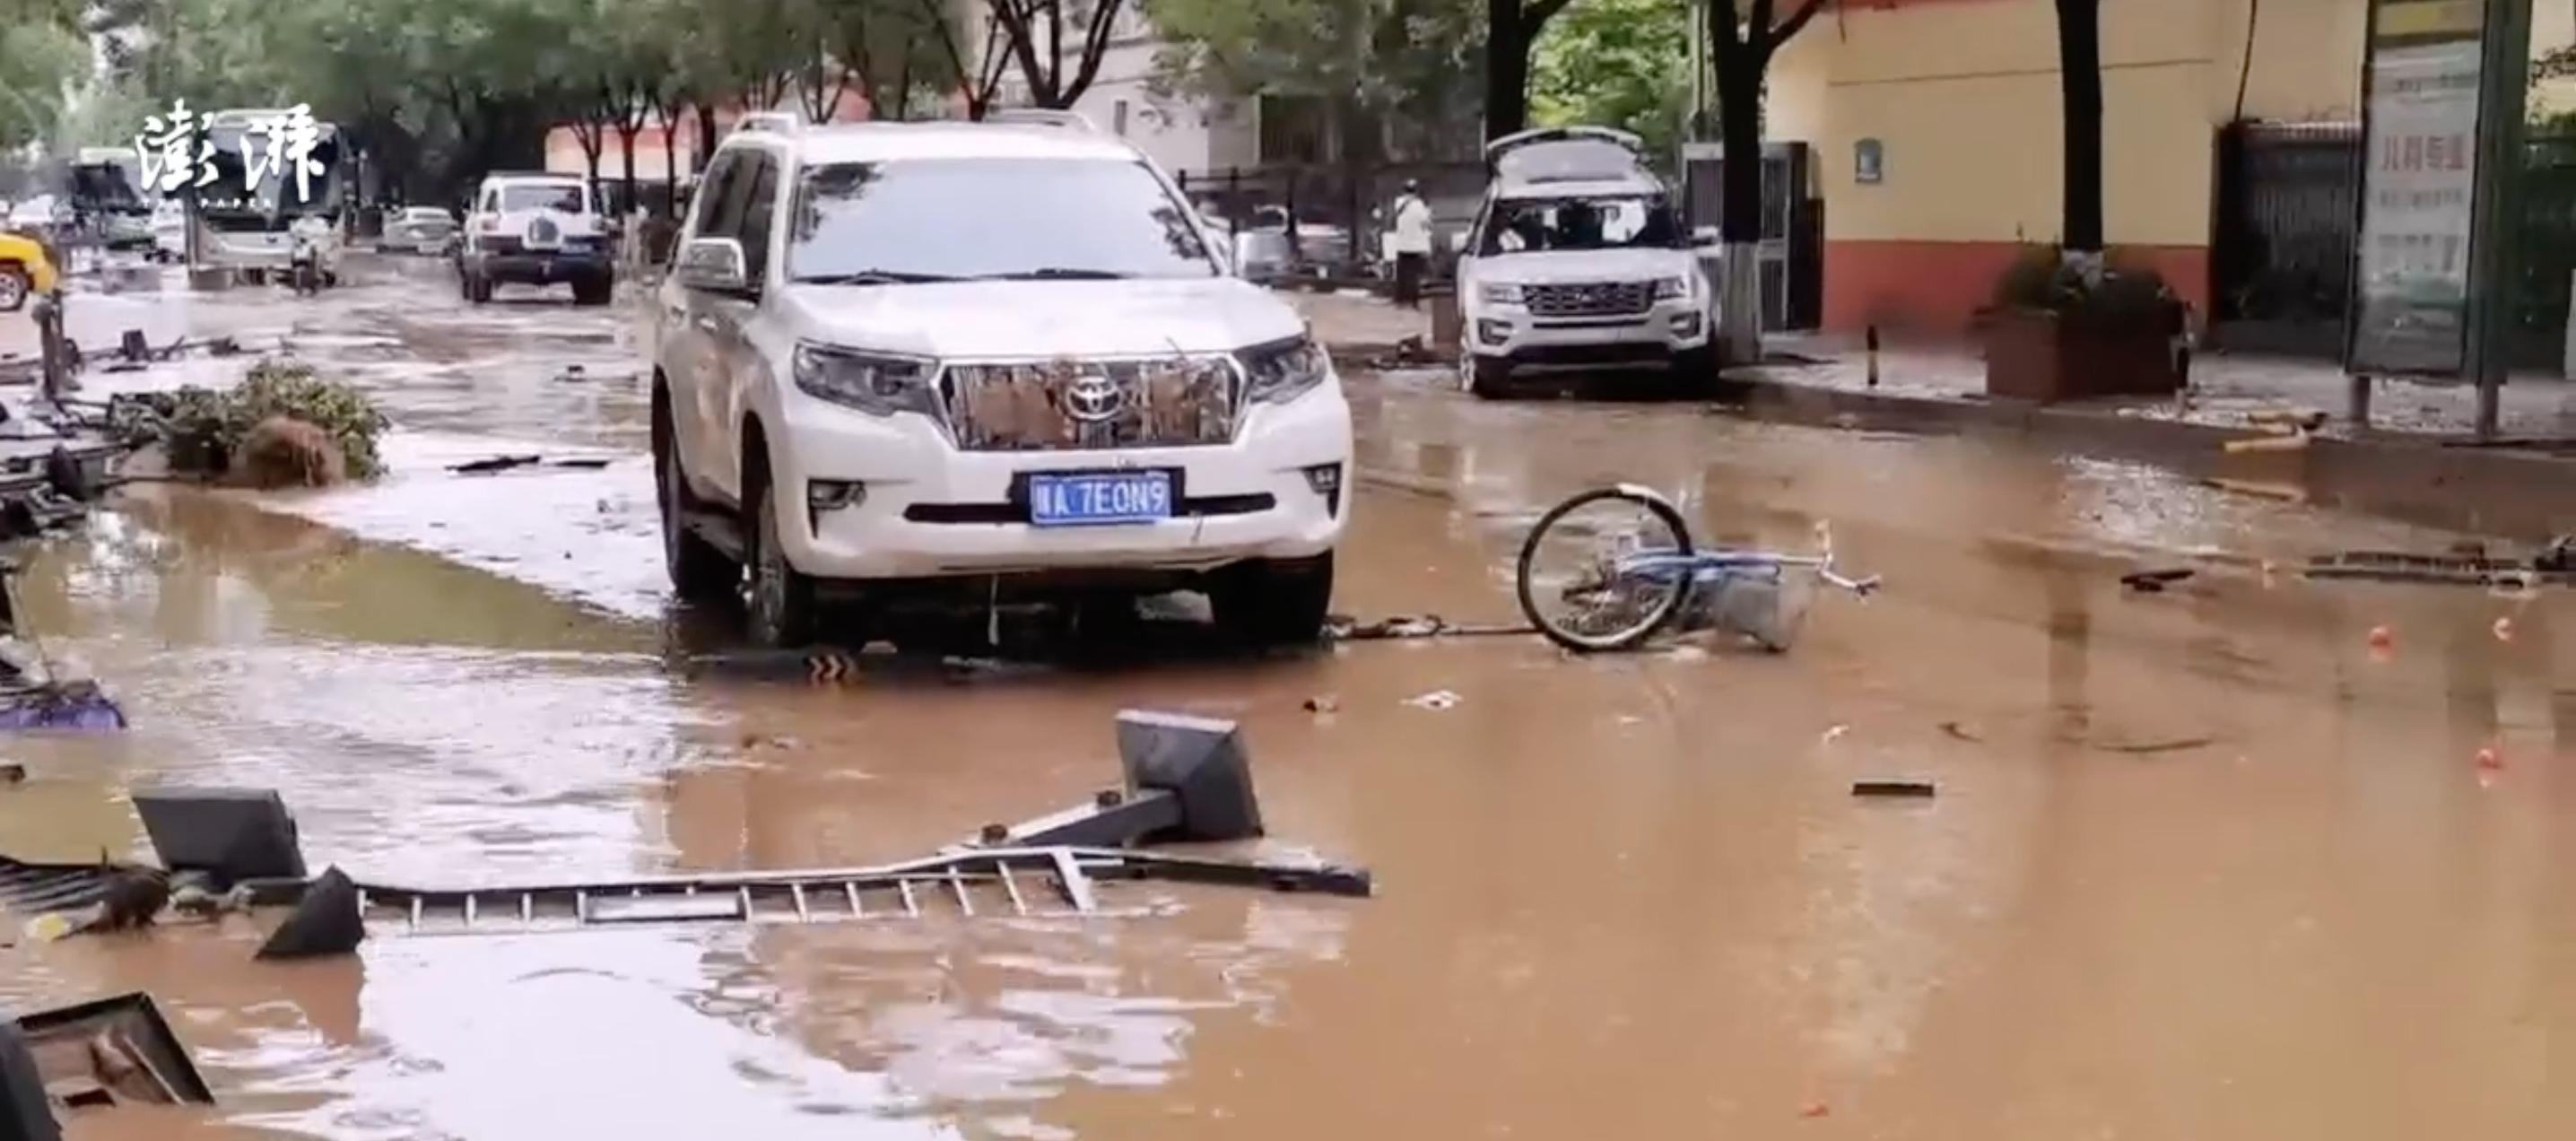 中國鄭州強降雨,大水淹入地鐵釀成死亡悲劇。 (圖取自weibo.com)